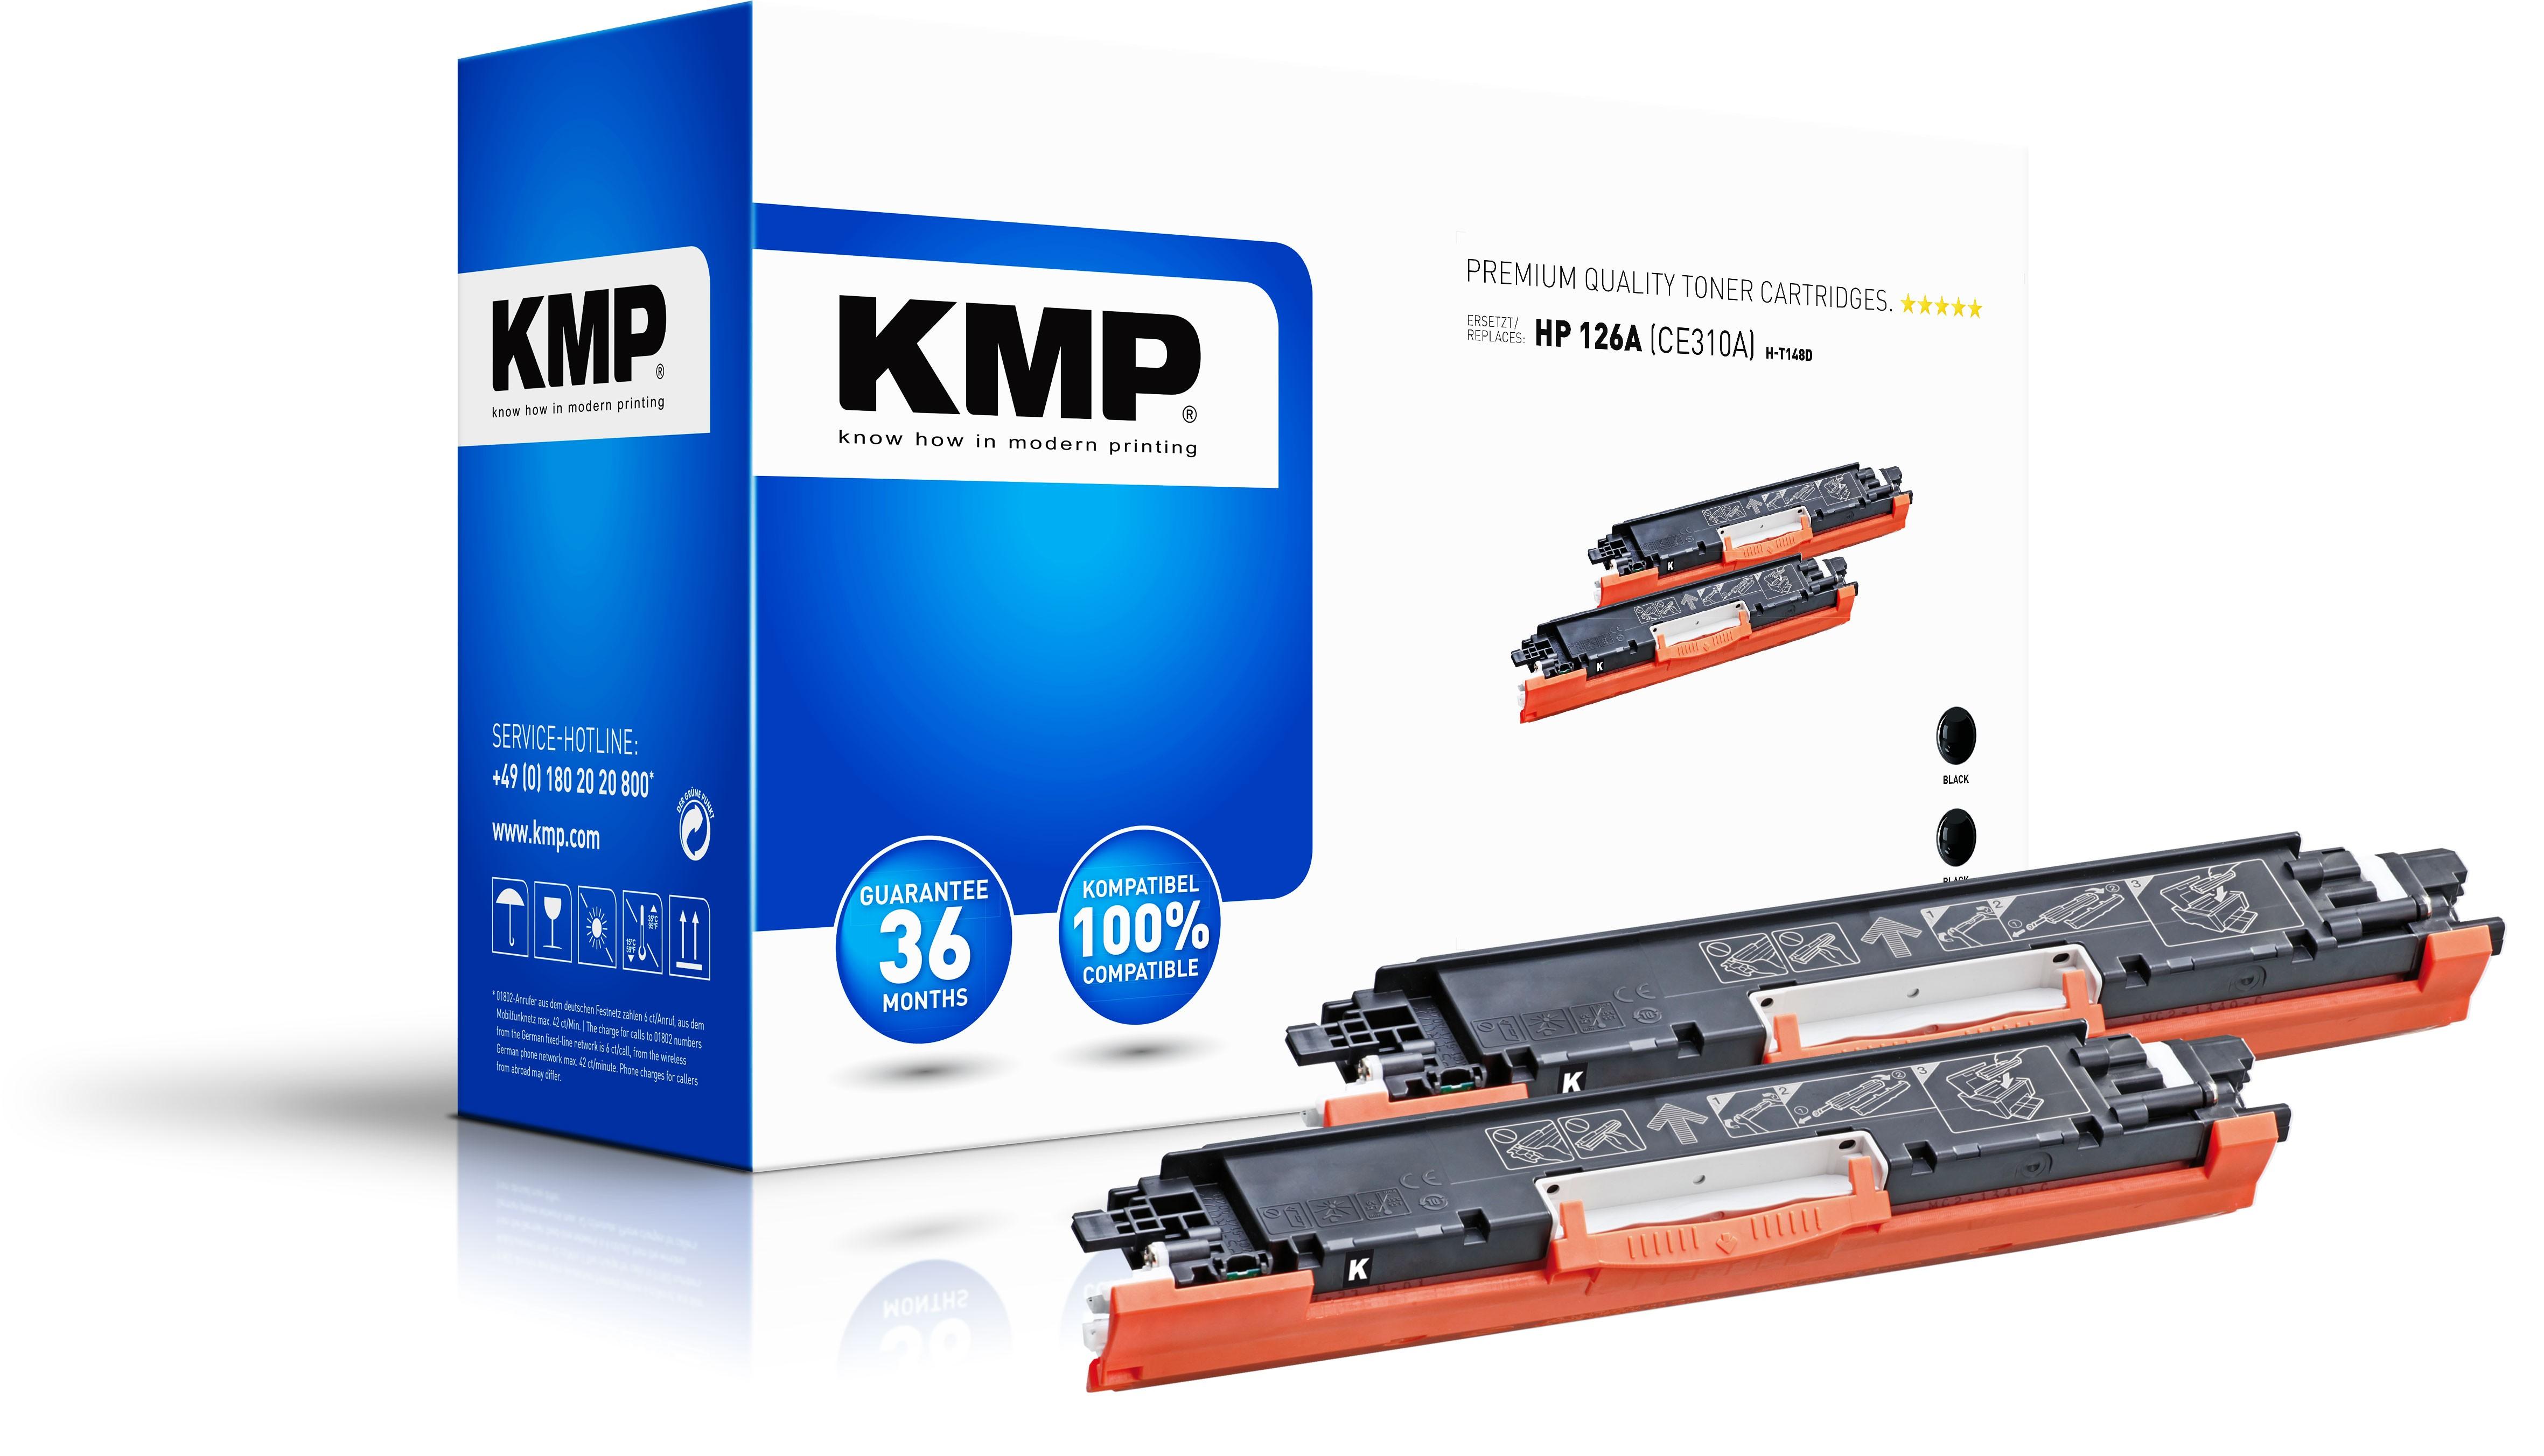 KMP DoppelpackToner H-T148D für HP 126A (CE310A) LaserJet Pro CP1025 etc. schwarz